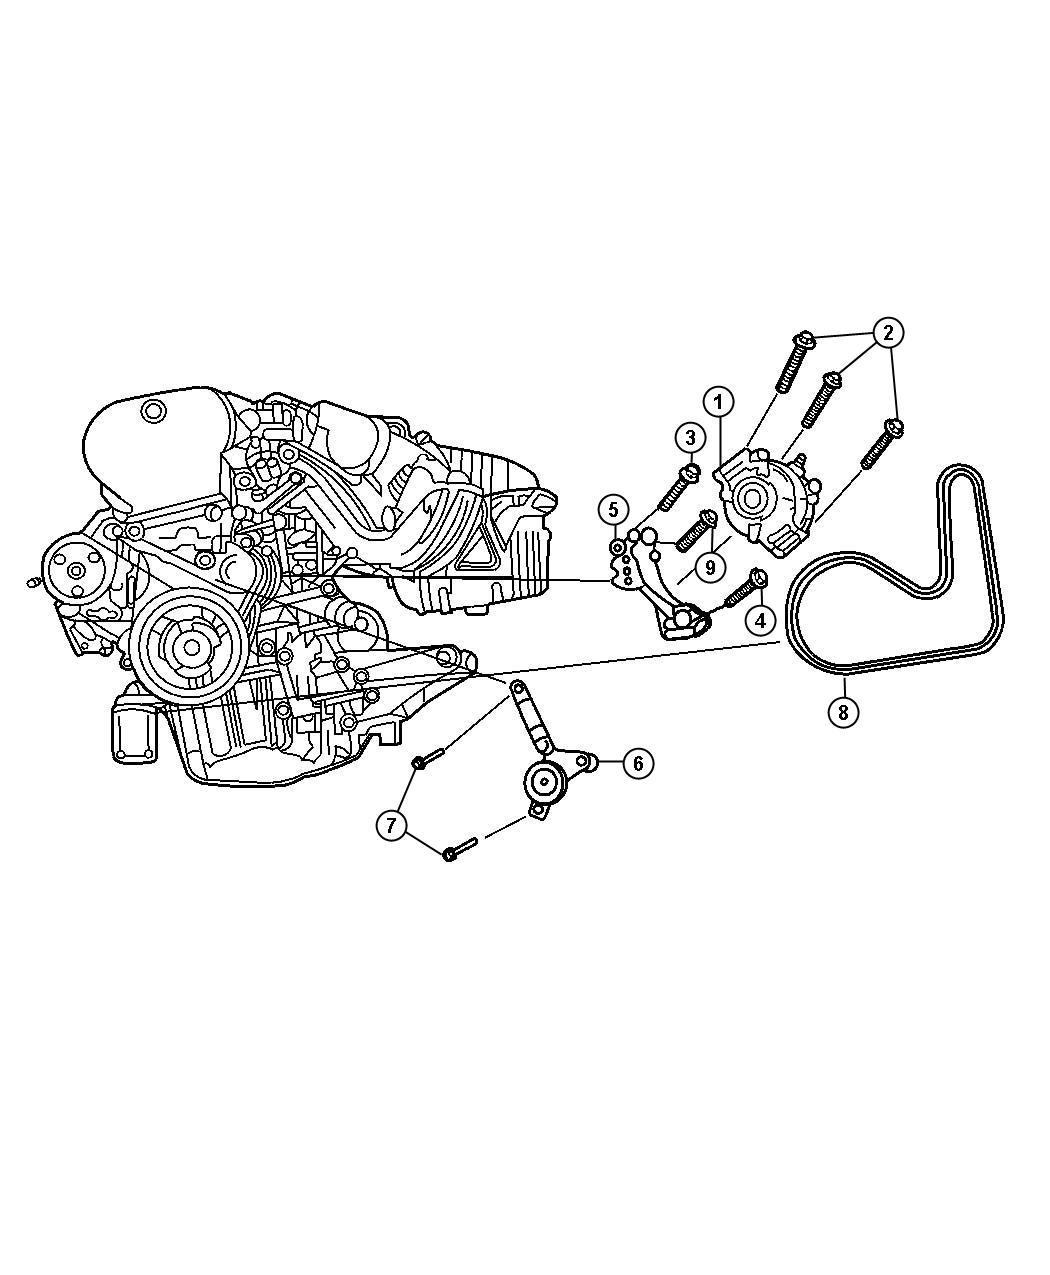 2006 Chrysler Sebring Belt  Alternator Drive  Used For